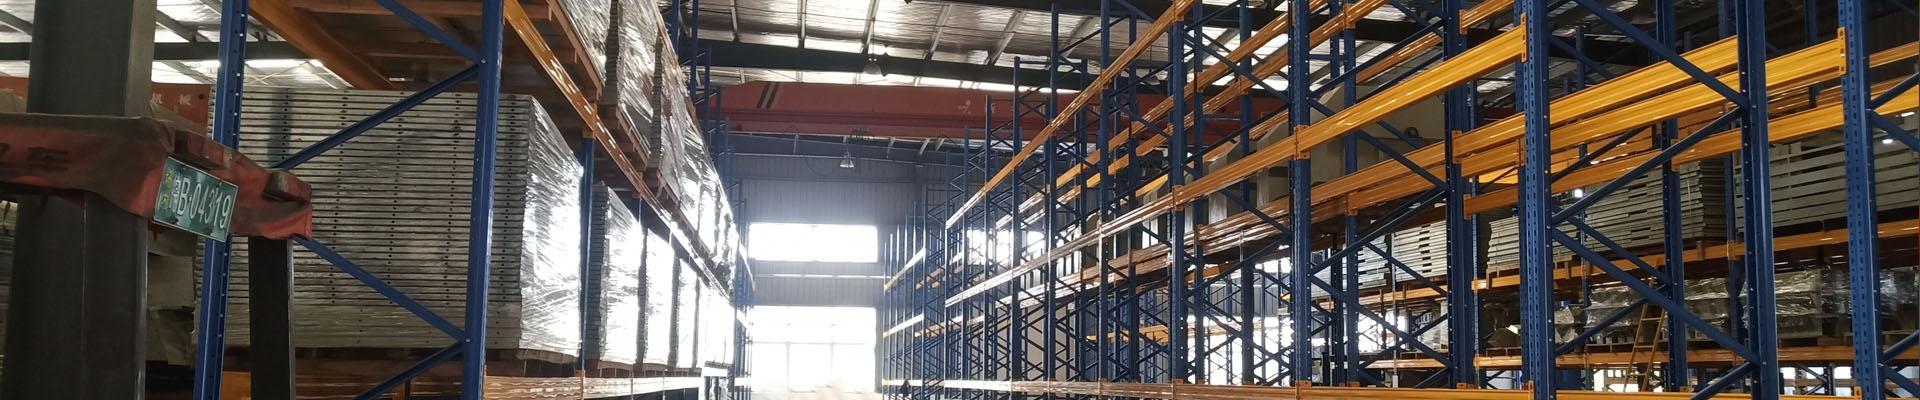 科杰智能仓储设备是一家致力于提供智能仓储物流设备解决方案的企业,产品涉及堆垛系统、输送系统<br>提升系统、分拣系统、机器人码垛系统及计算机信息化管理系统、自动化设备控制系统等产品的生产制造和软件开发。